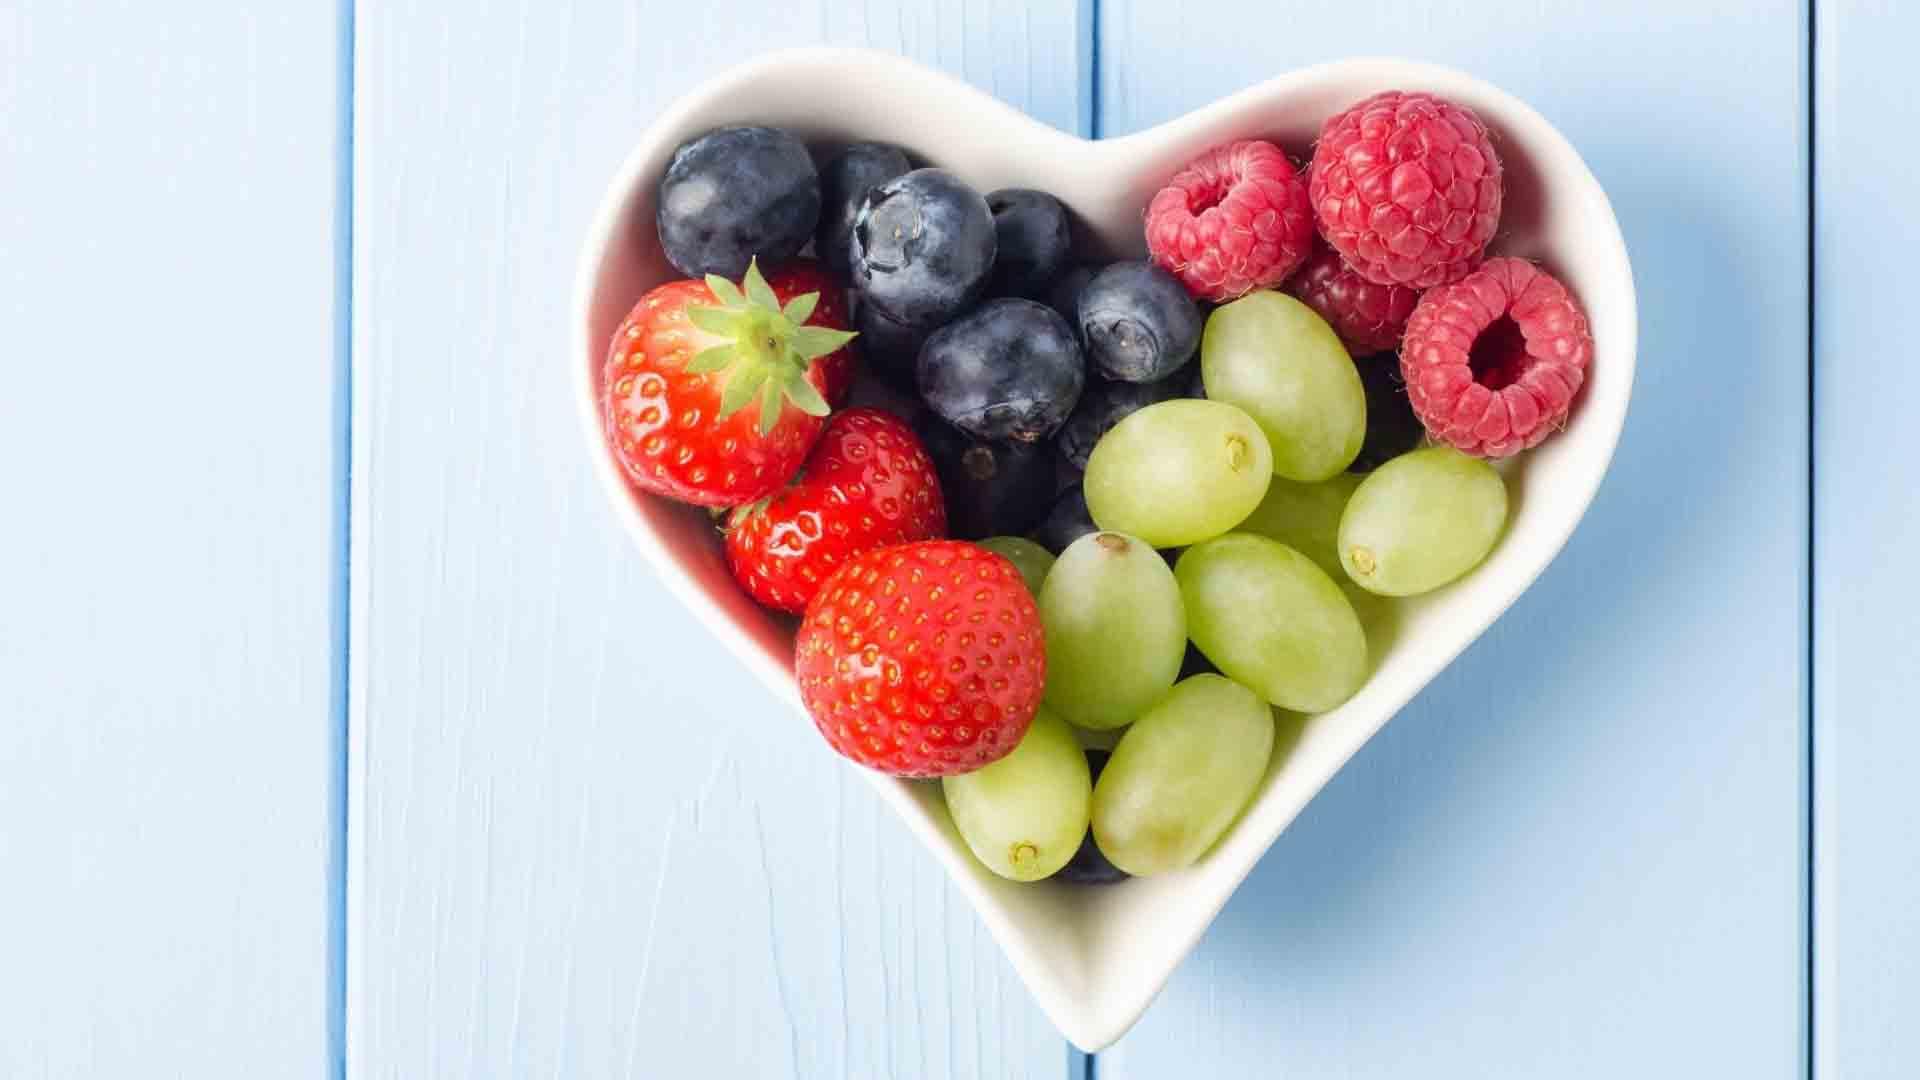 Hình ảnh hoa quả trái tim